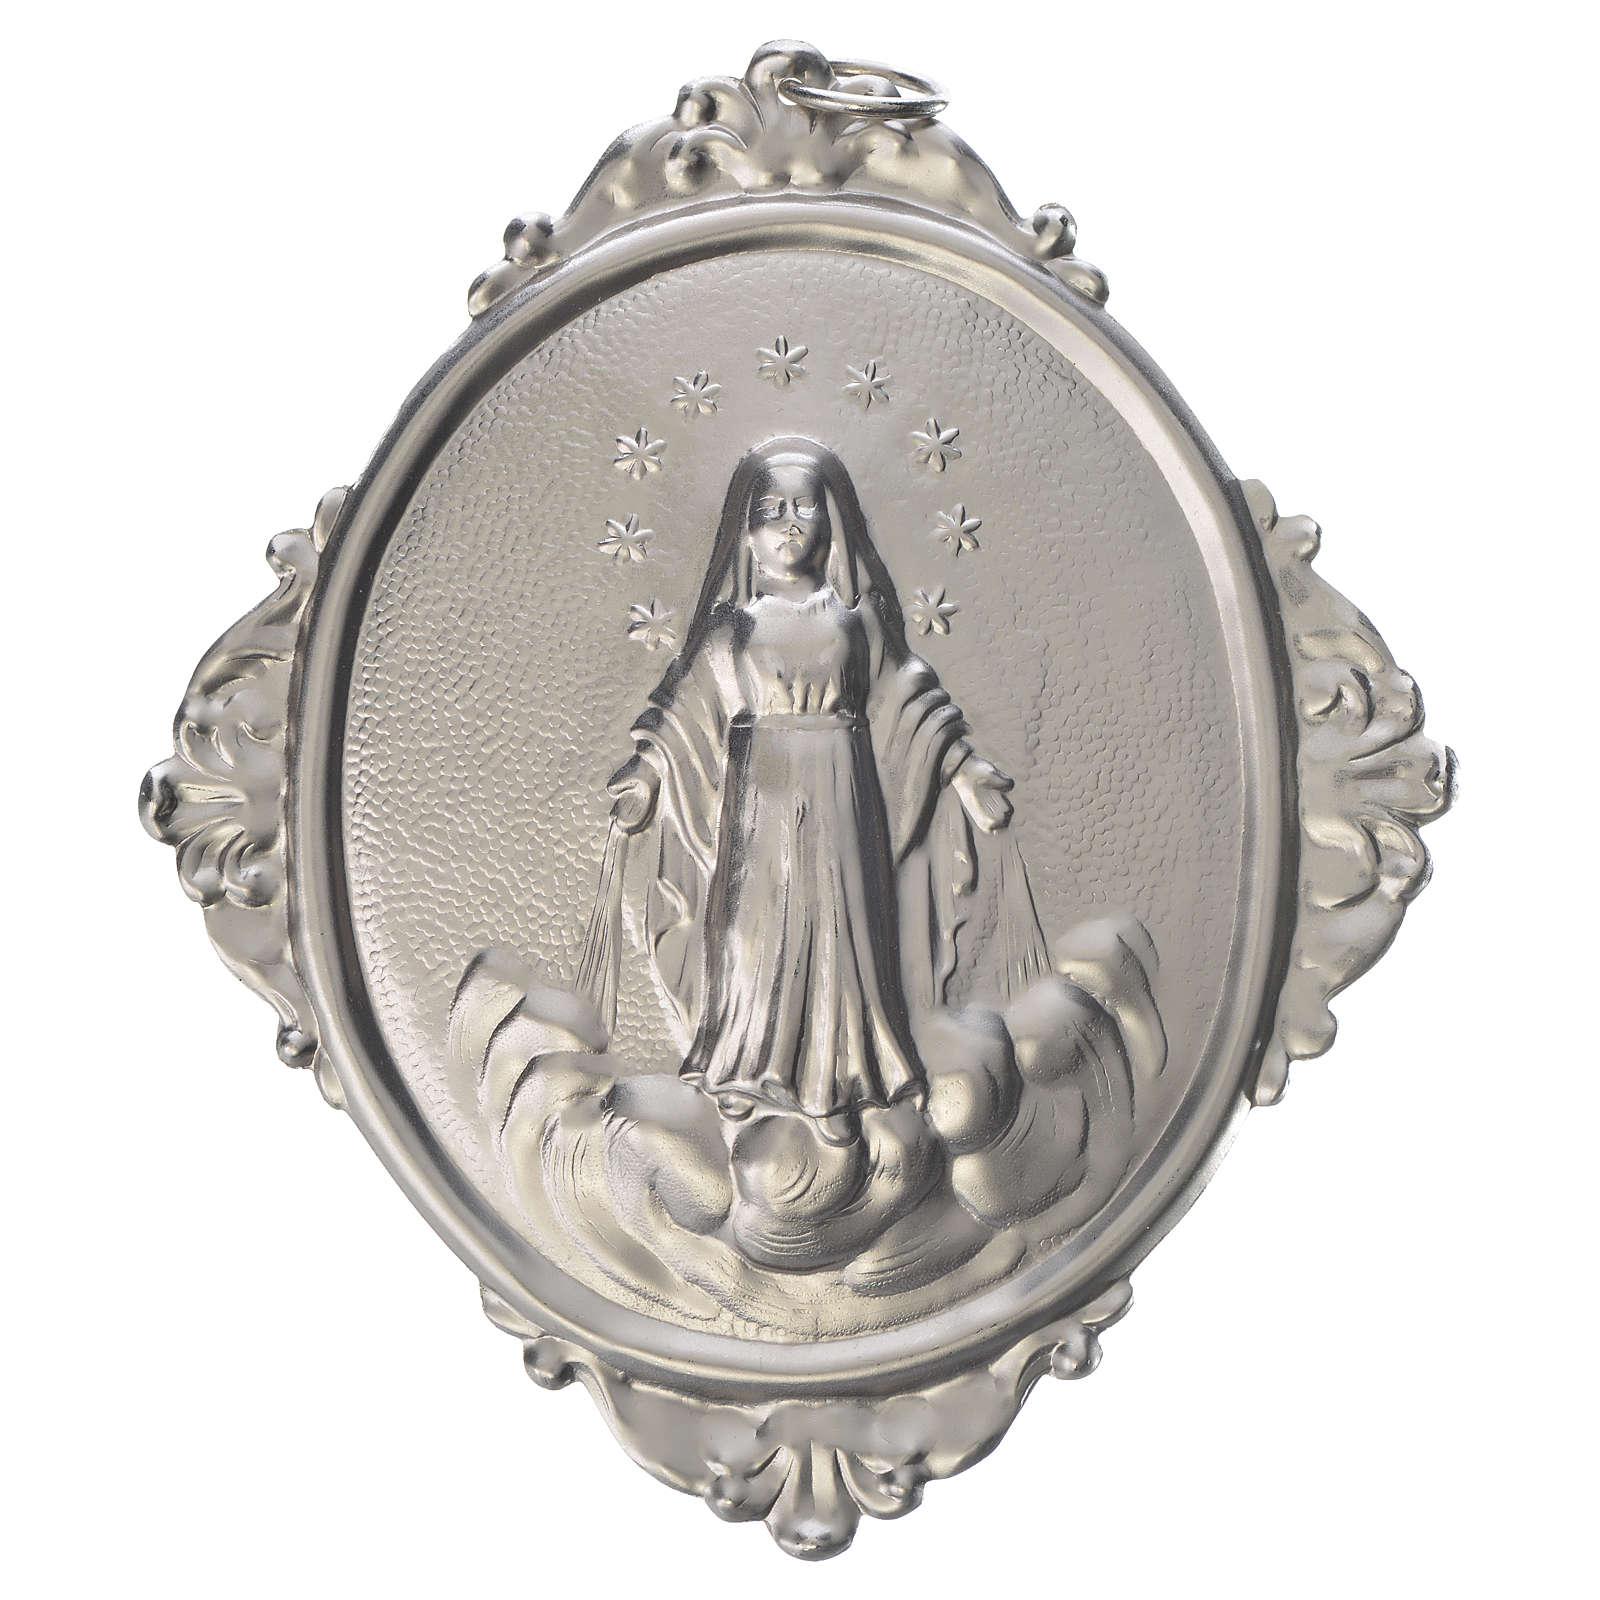 Medalla cofradía Nuestra Señora de la Asunción metal 3